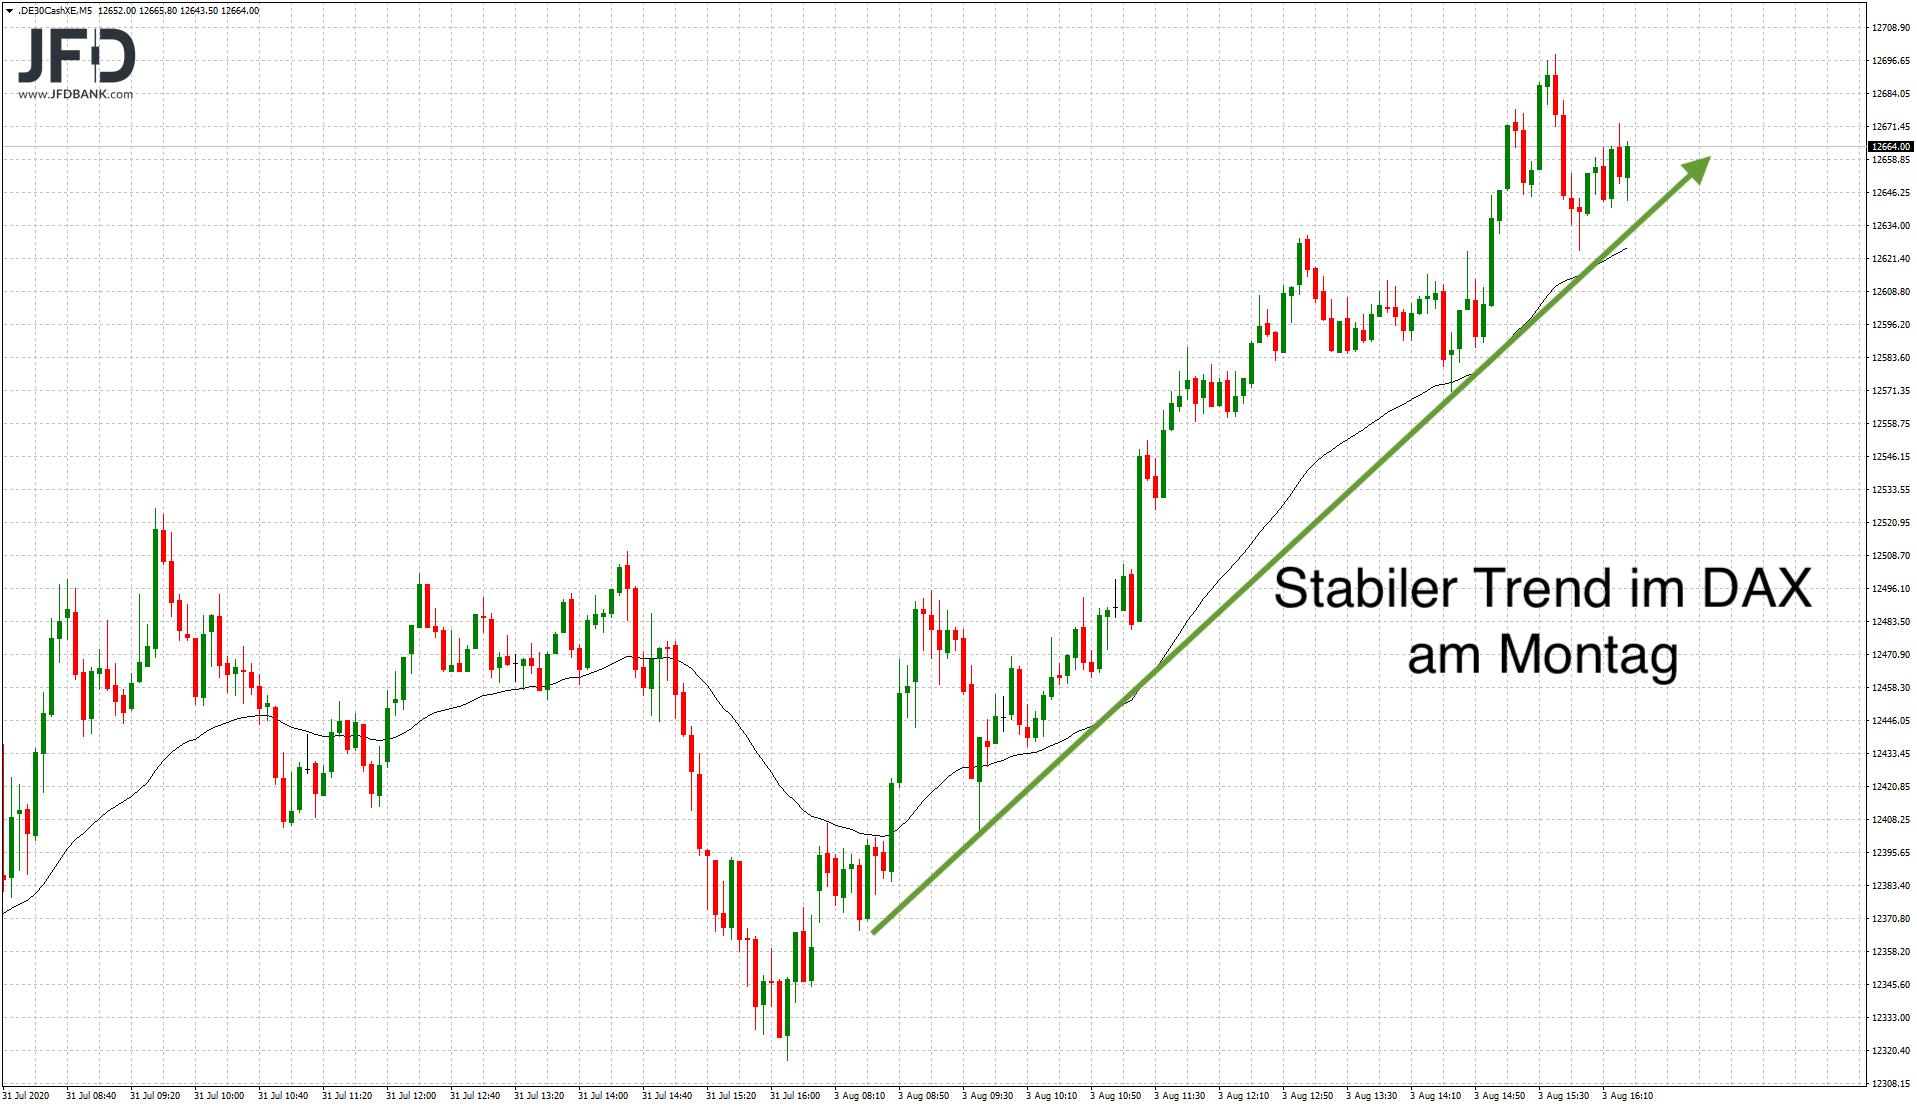 DAX-Trend zum Wochenstart